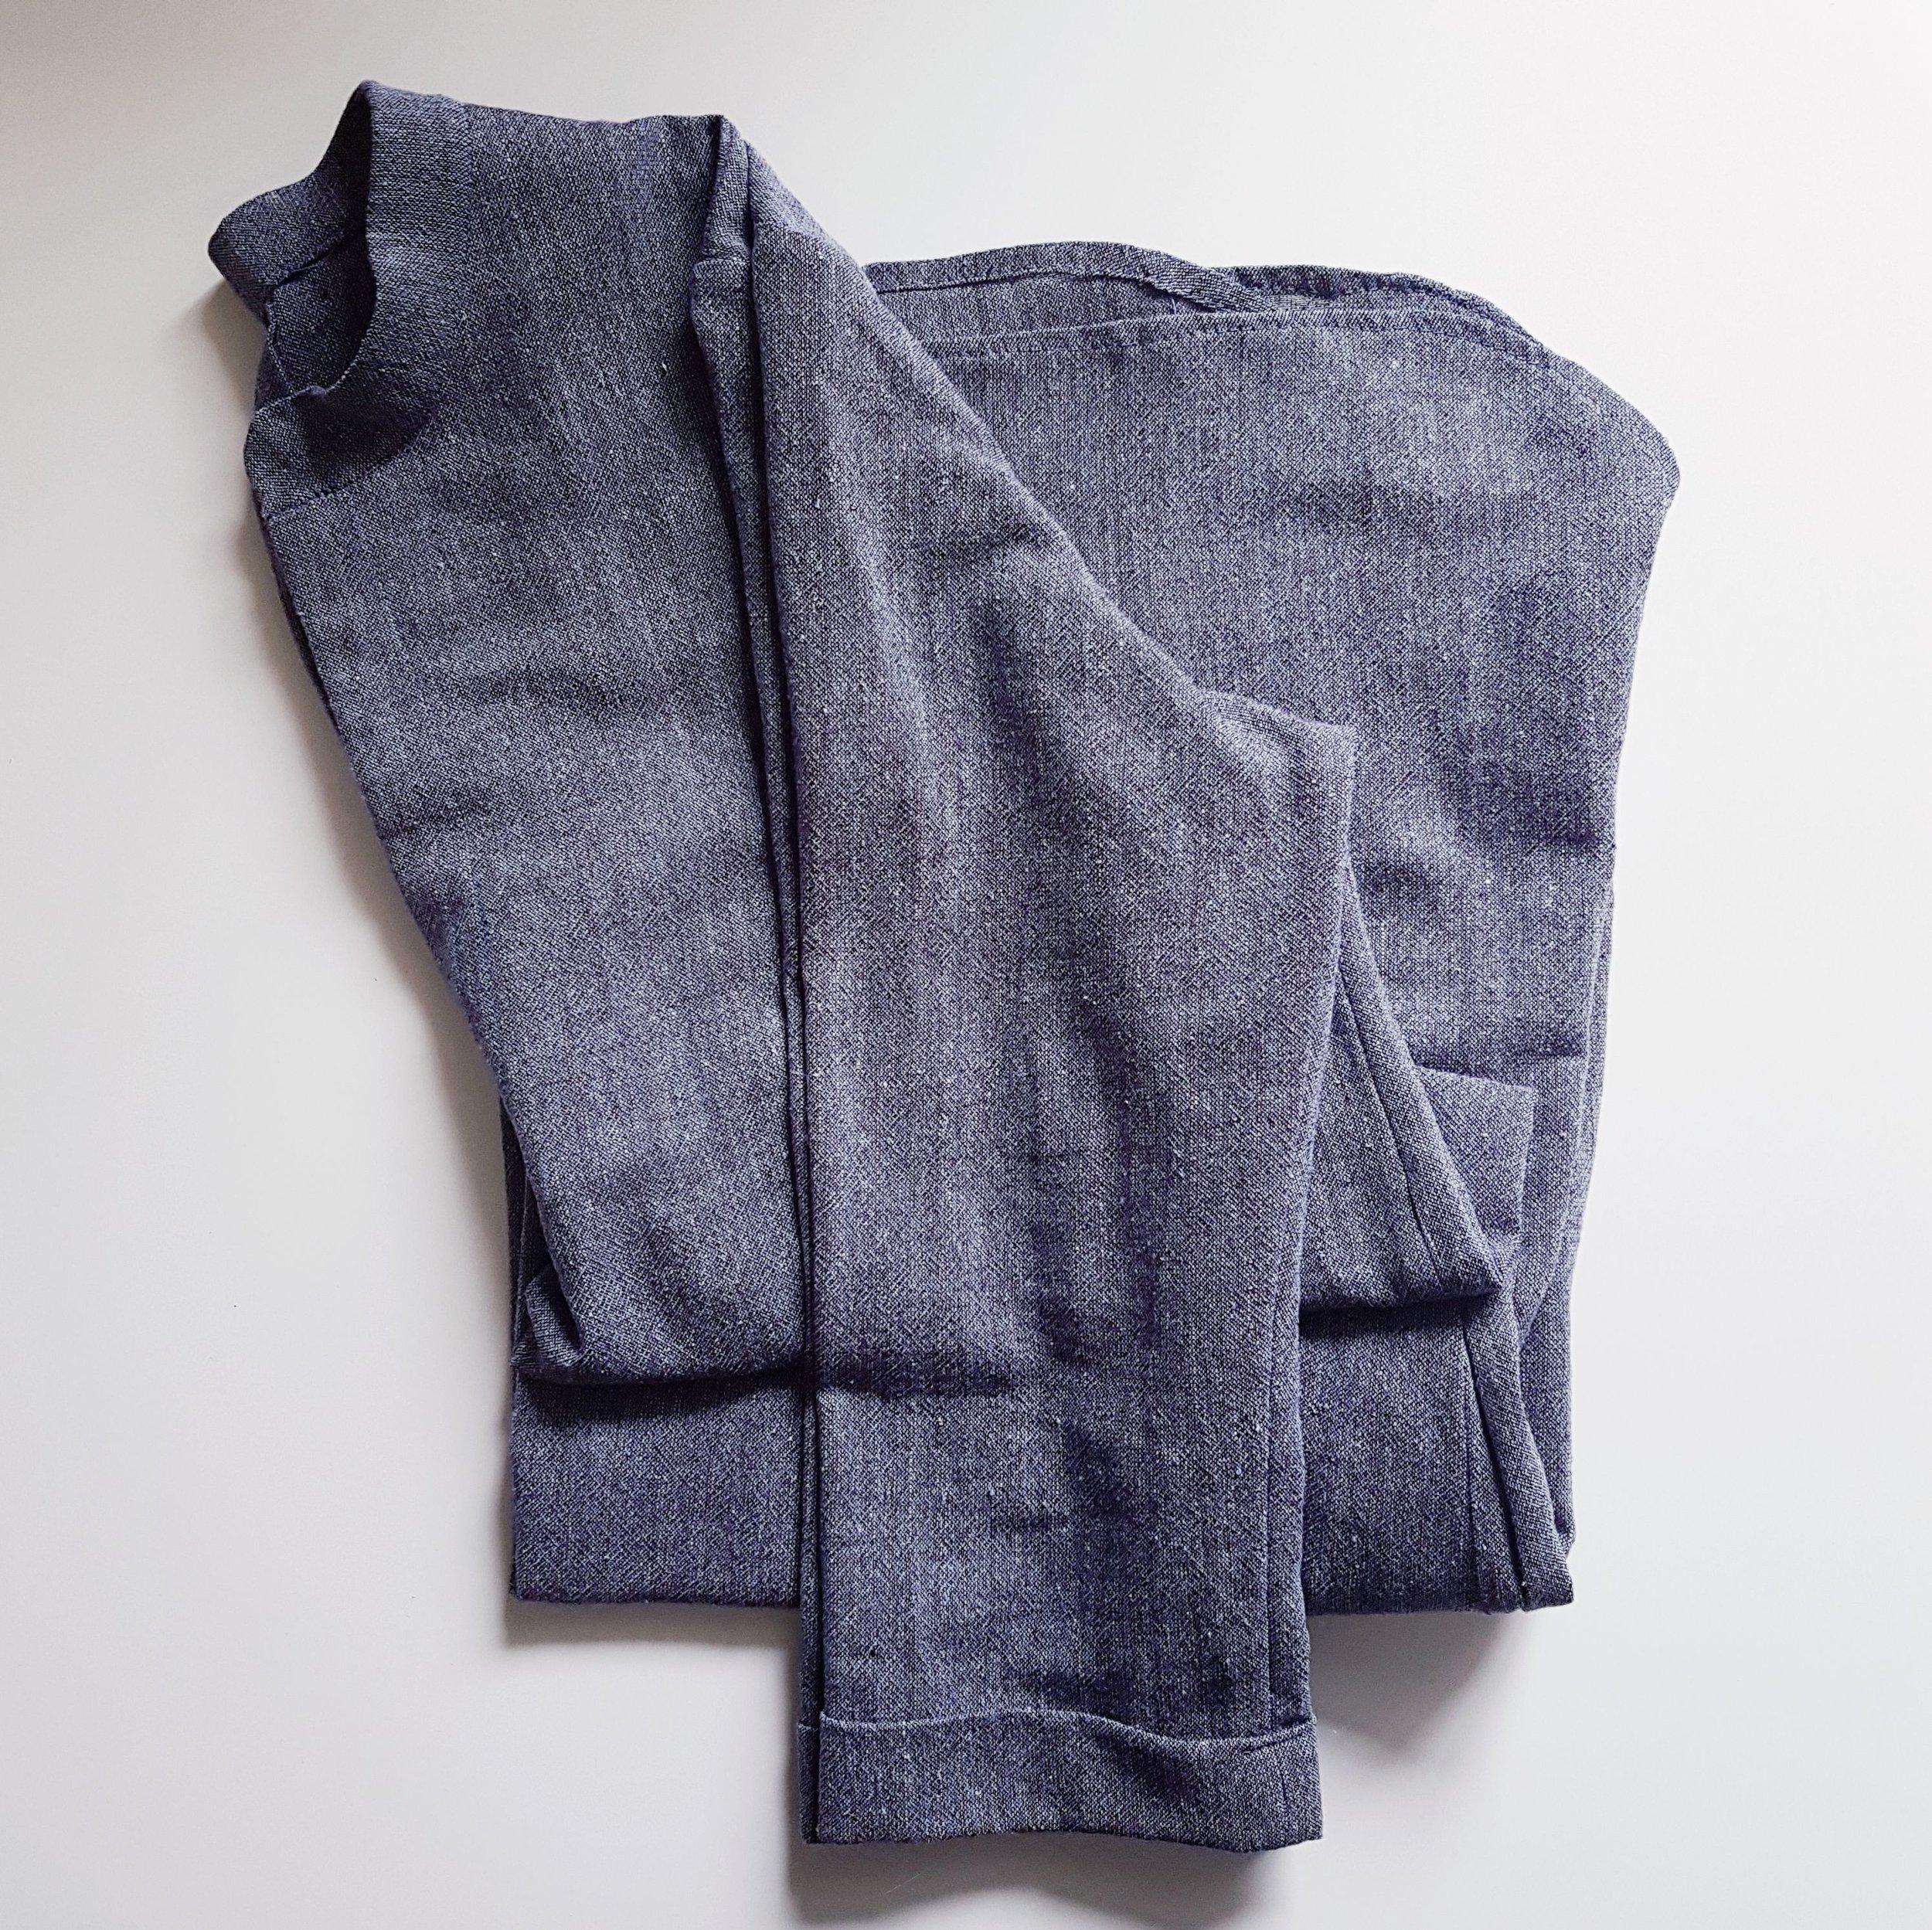 Gallery Dress in Handwoven Indigo Linen